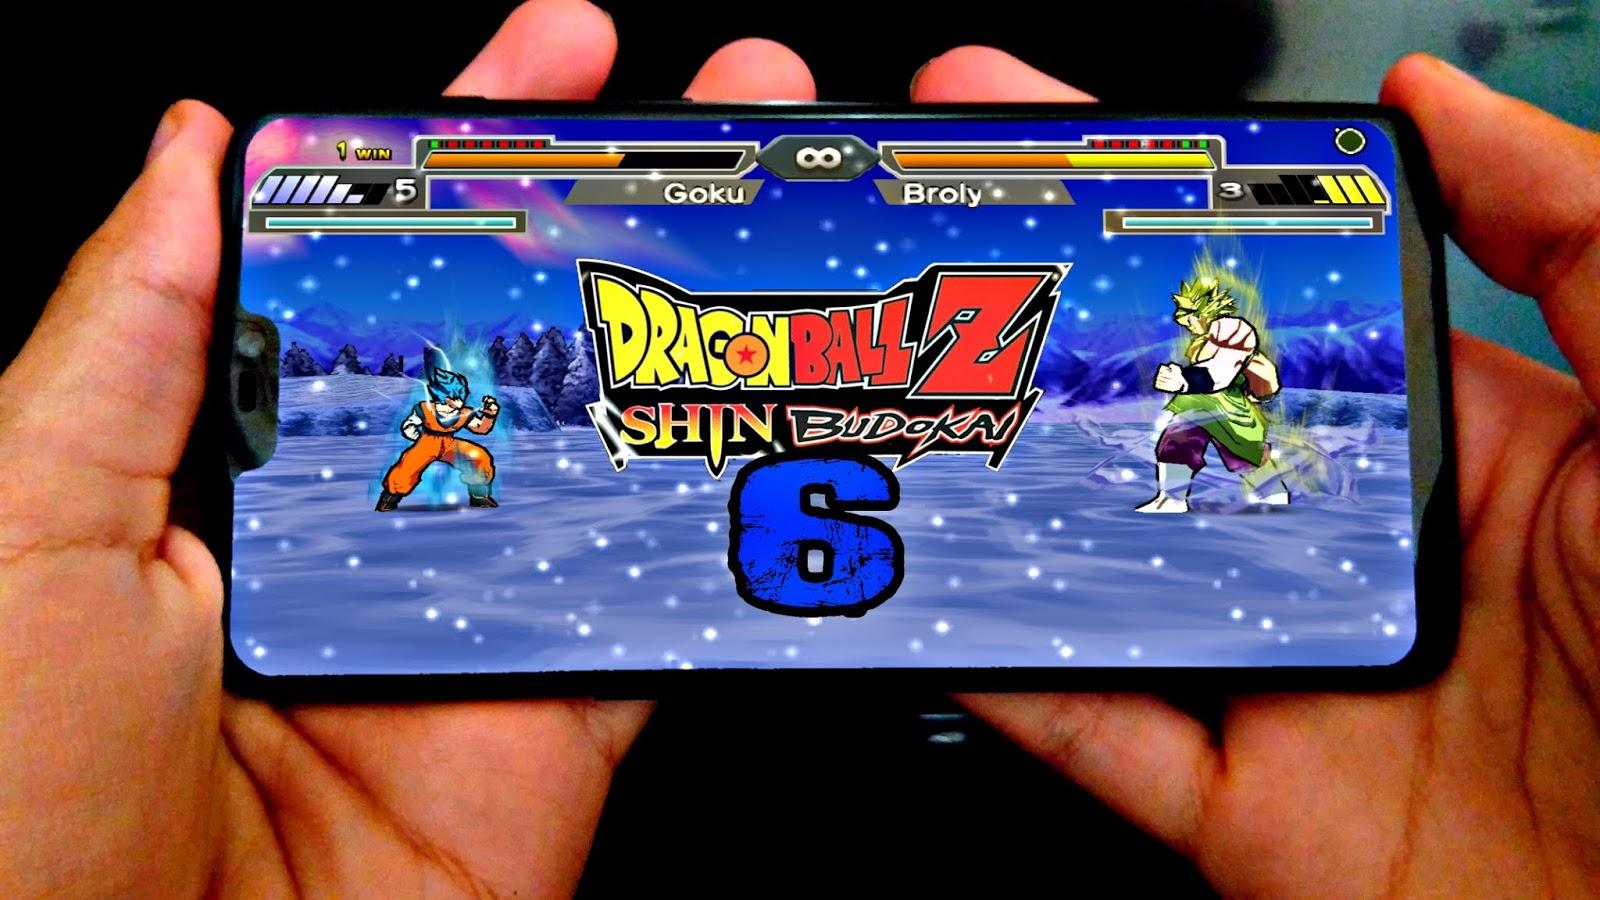 DRAGON BALL Z SHIN BUDOKAI 6 ATUALIZADO PARA CELULAR ANDROID/PPSSPP